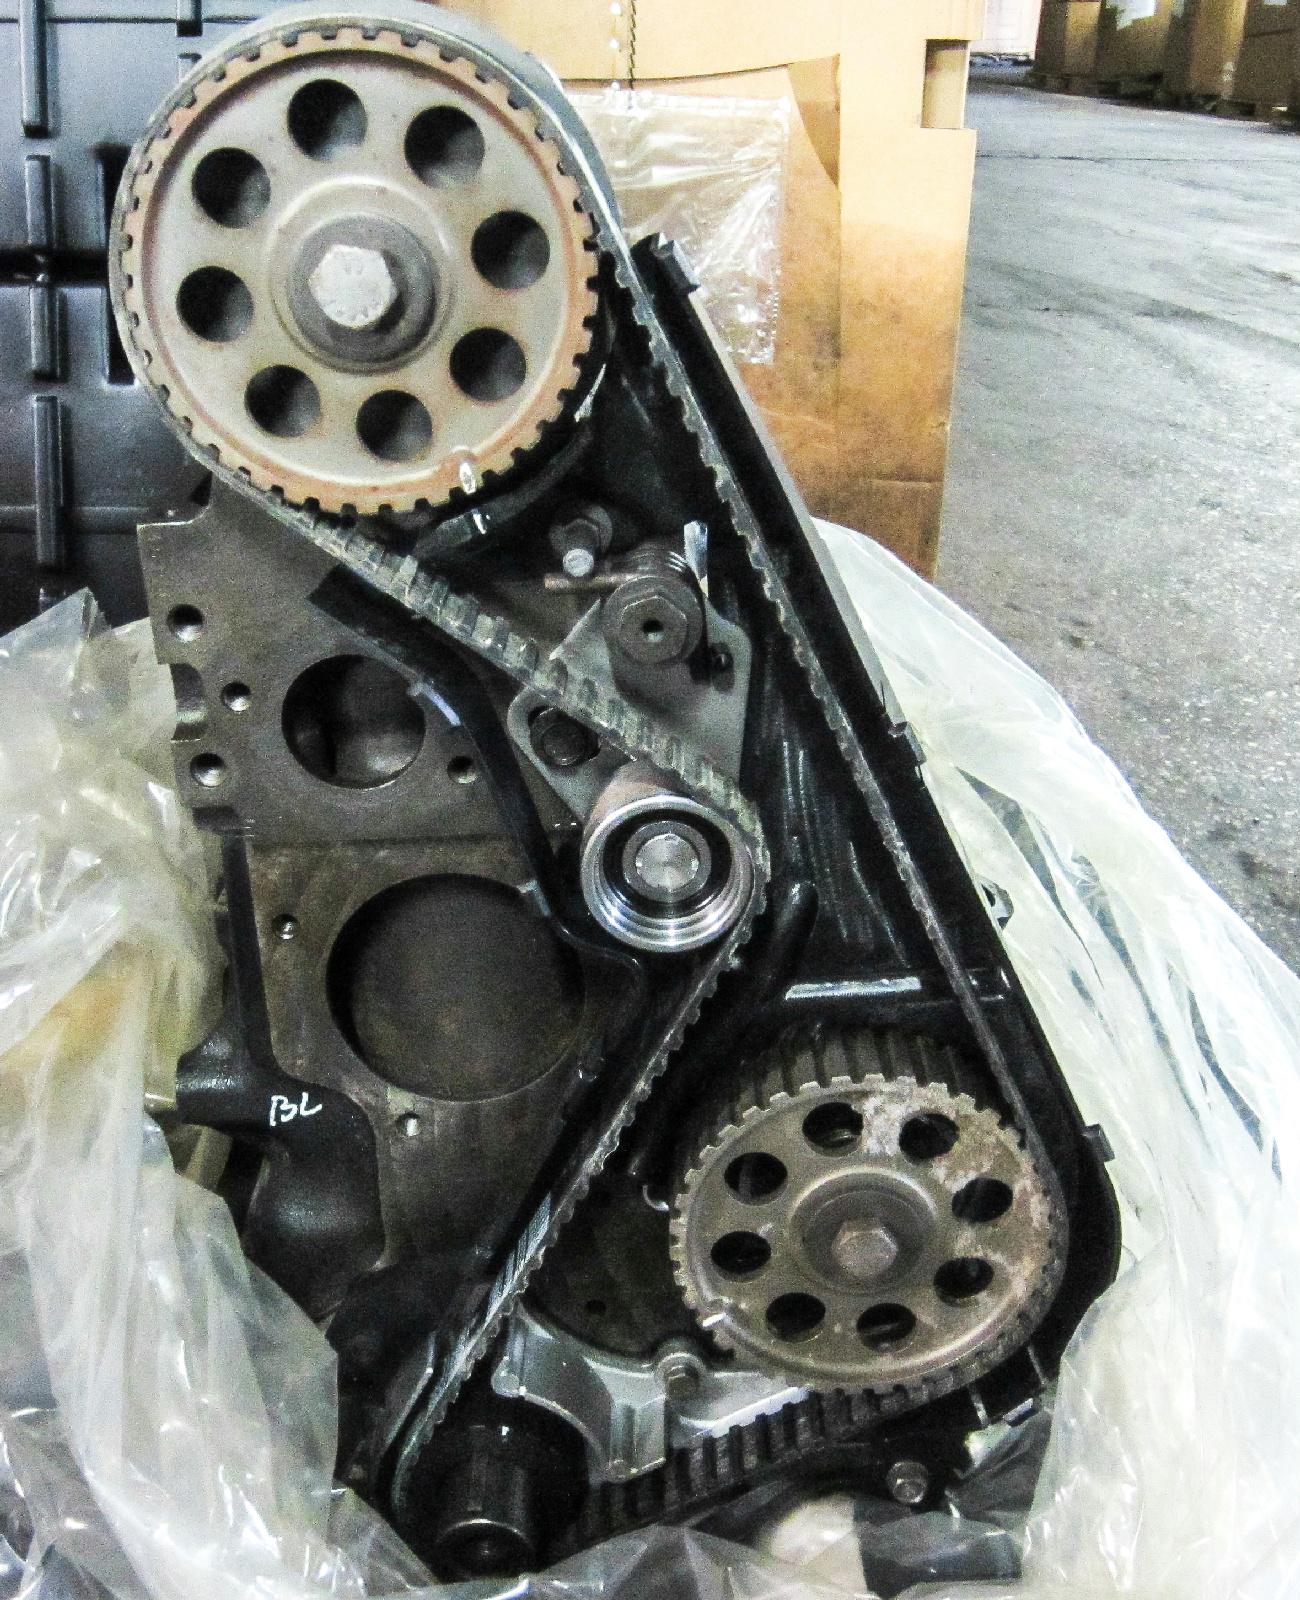 Ford 2 3 Crate Engine: 1991-1993 Ford 2.3L 4 Cylinder Engine 8 Plug Roller Cam